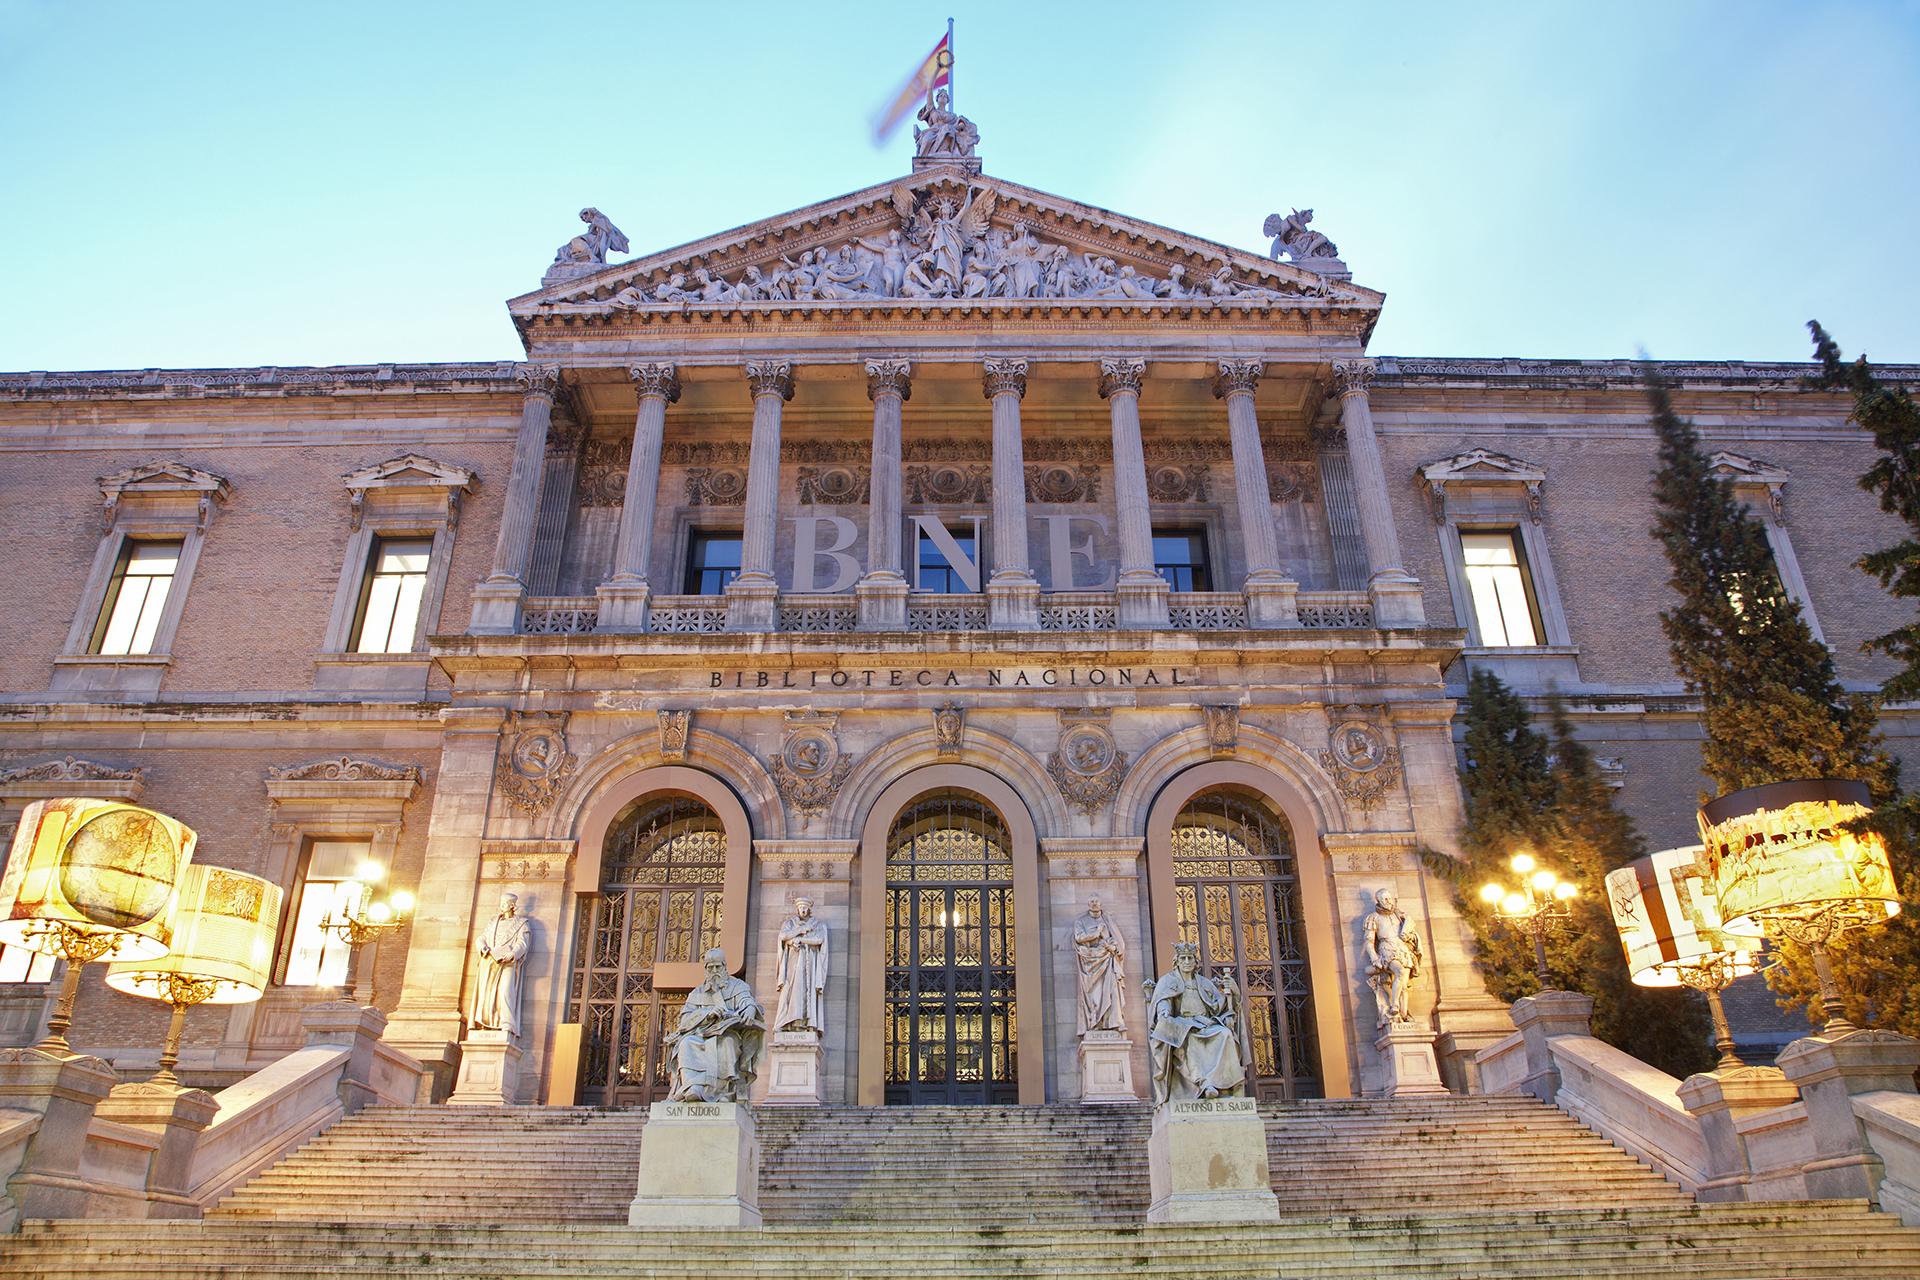 Qué ver y hacer en Madrid - Biblioteca Nacional | Foto: Jozef Sedmak | Dreamstime.com